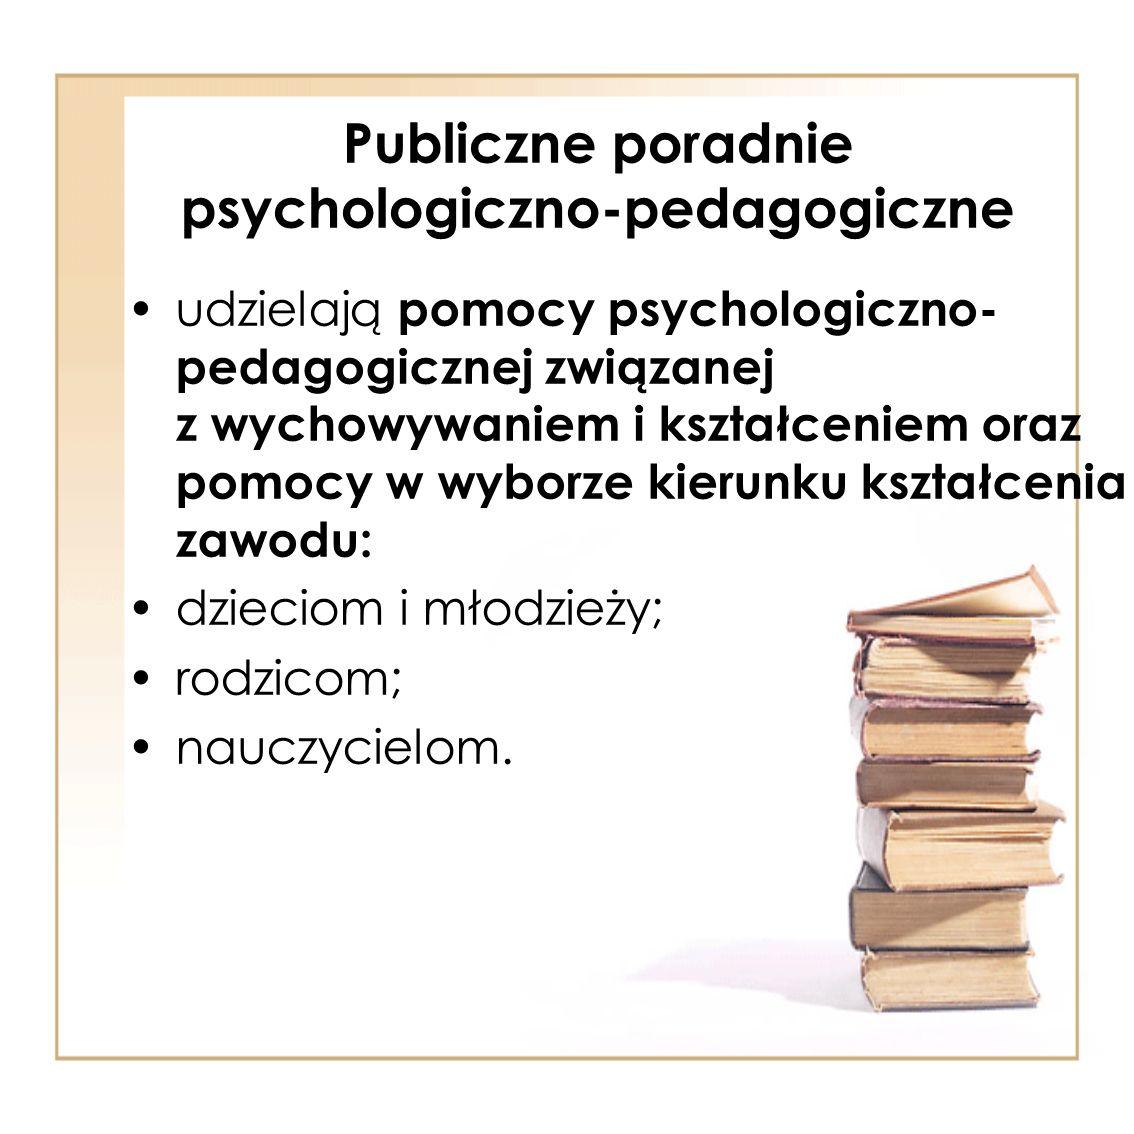 Publiczne poradnie psychologiczno-pedagogiczne udzielają pomocy psychologiczno- pedagogicznej związanej z wychowywaniem i kształceniem oraz pomocy w w